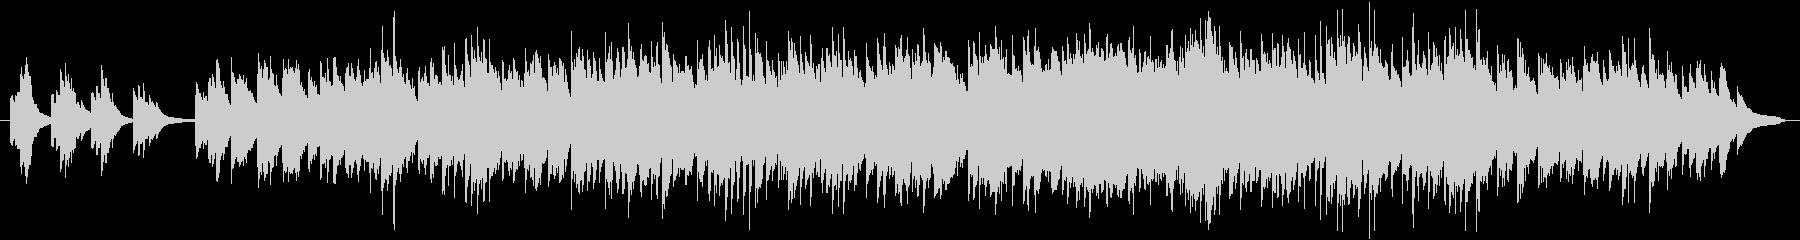 現代風童歌(ピアノソロ)の未再生の波形